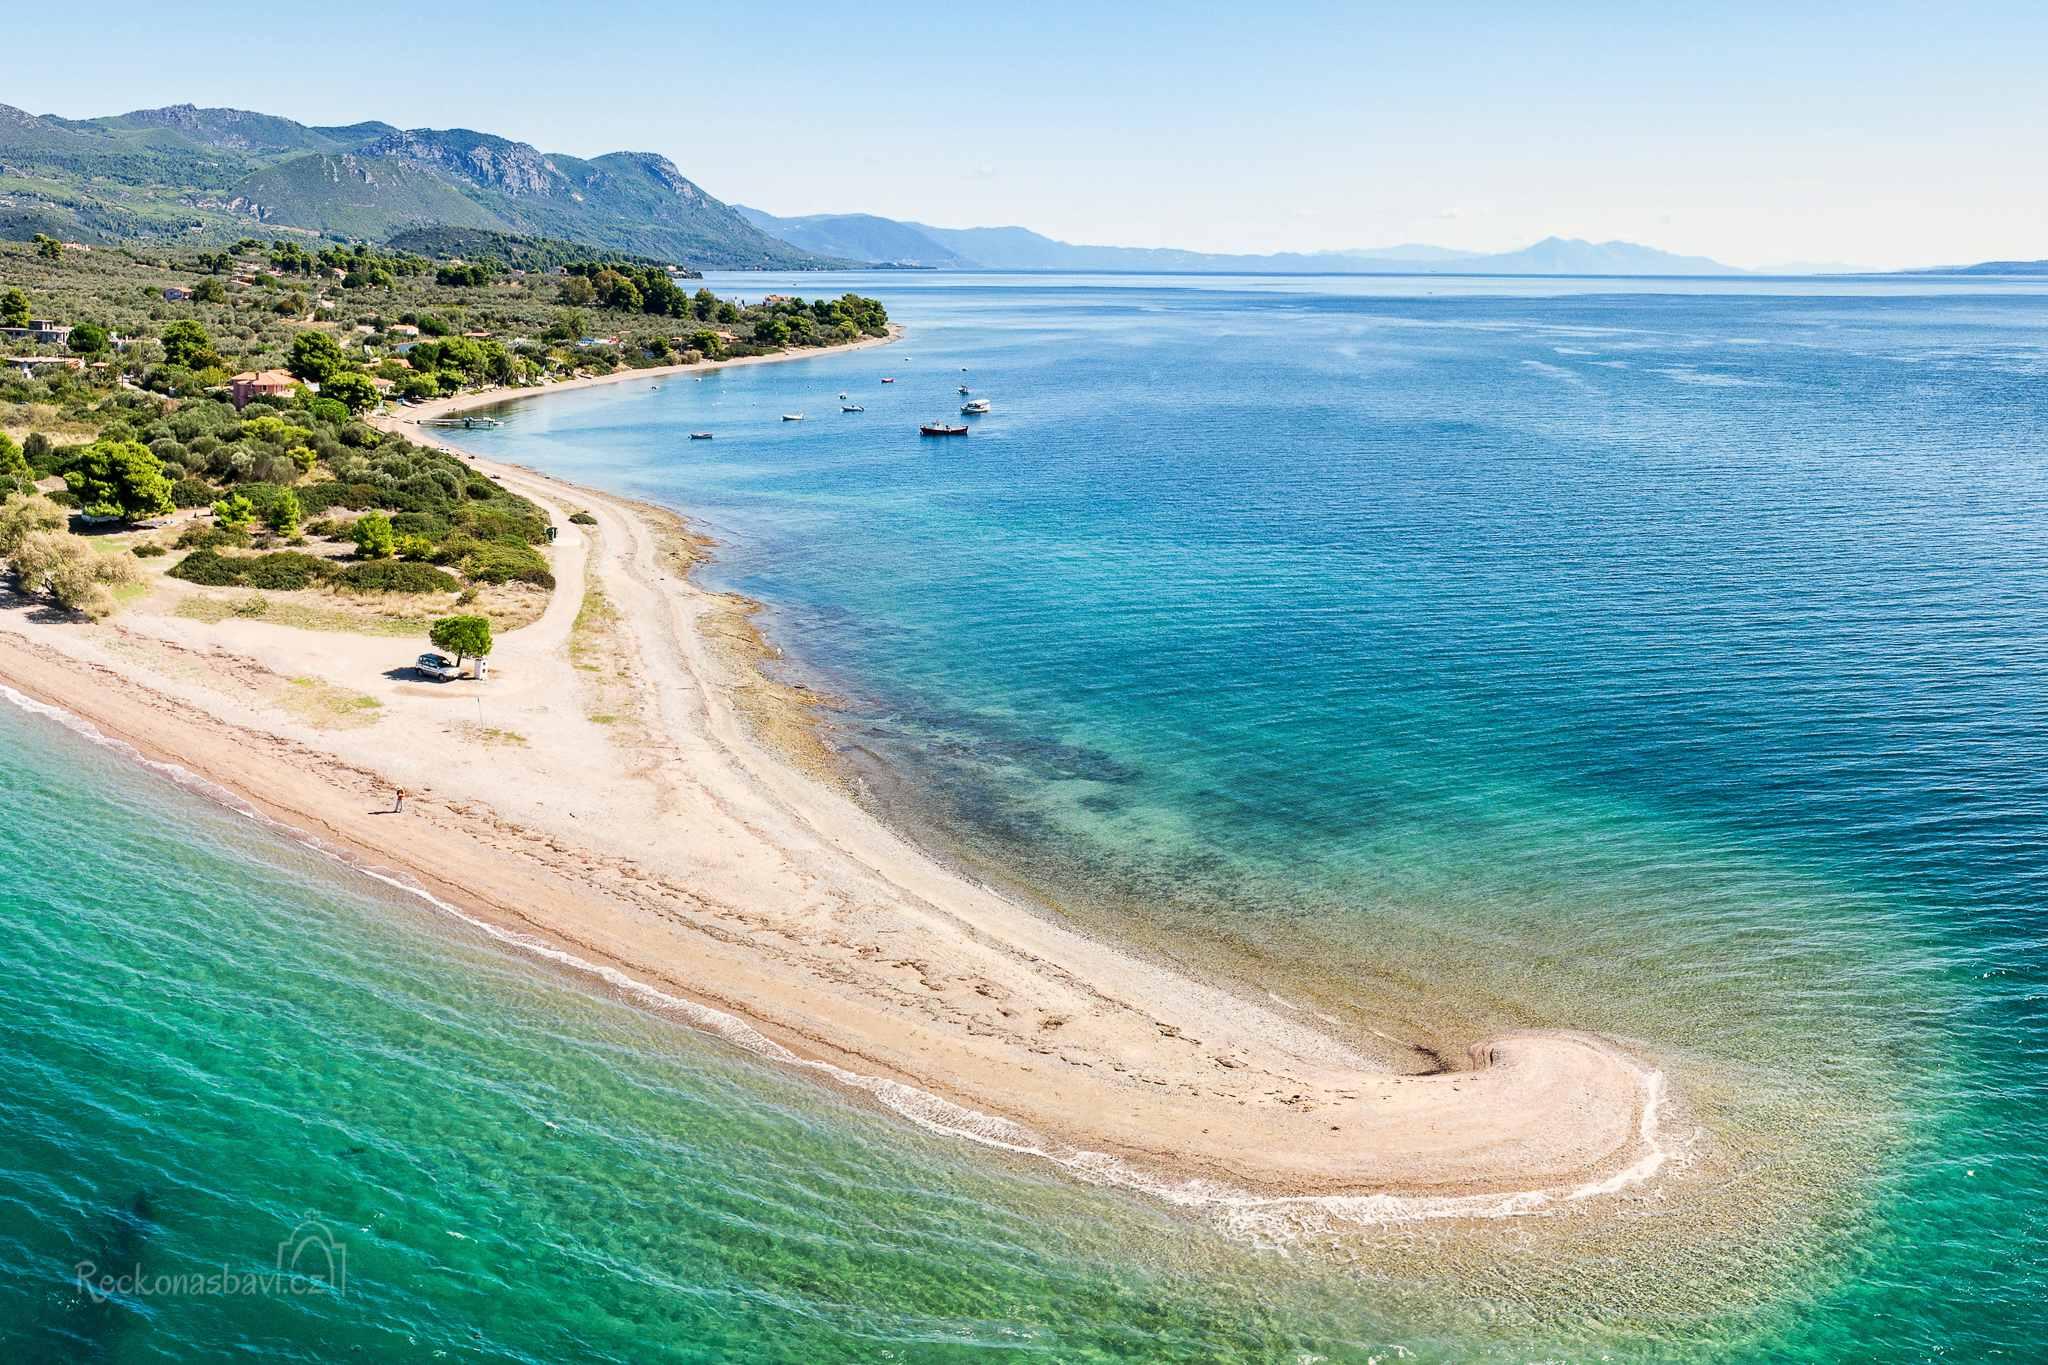 Kavos beach na Evii - vstupní místo na lodní výlet k Lichadonisia